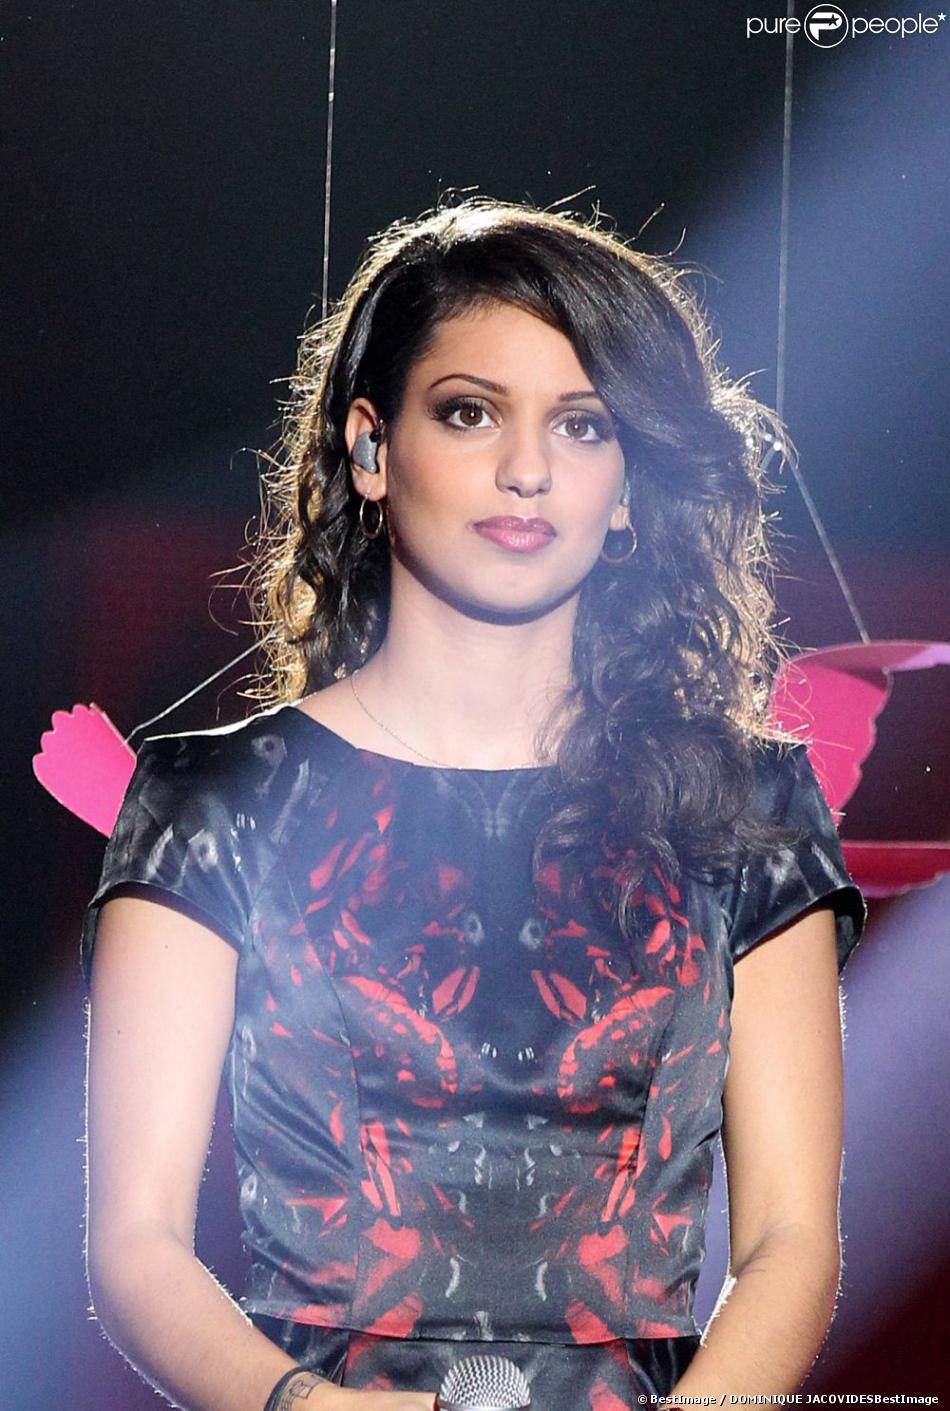 TAL lors de l'enregistrement du prime 'Samedi soir on chante Goldman', diffusé le 19 janvier 2013 sur TF1